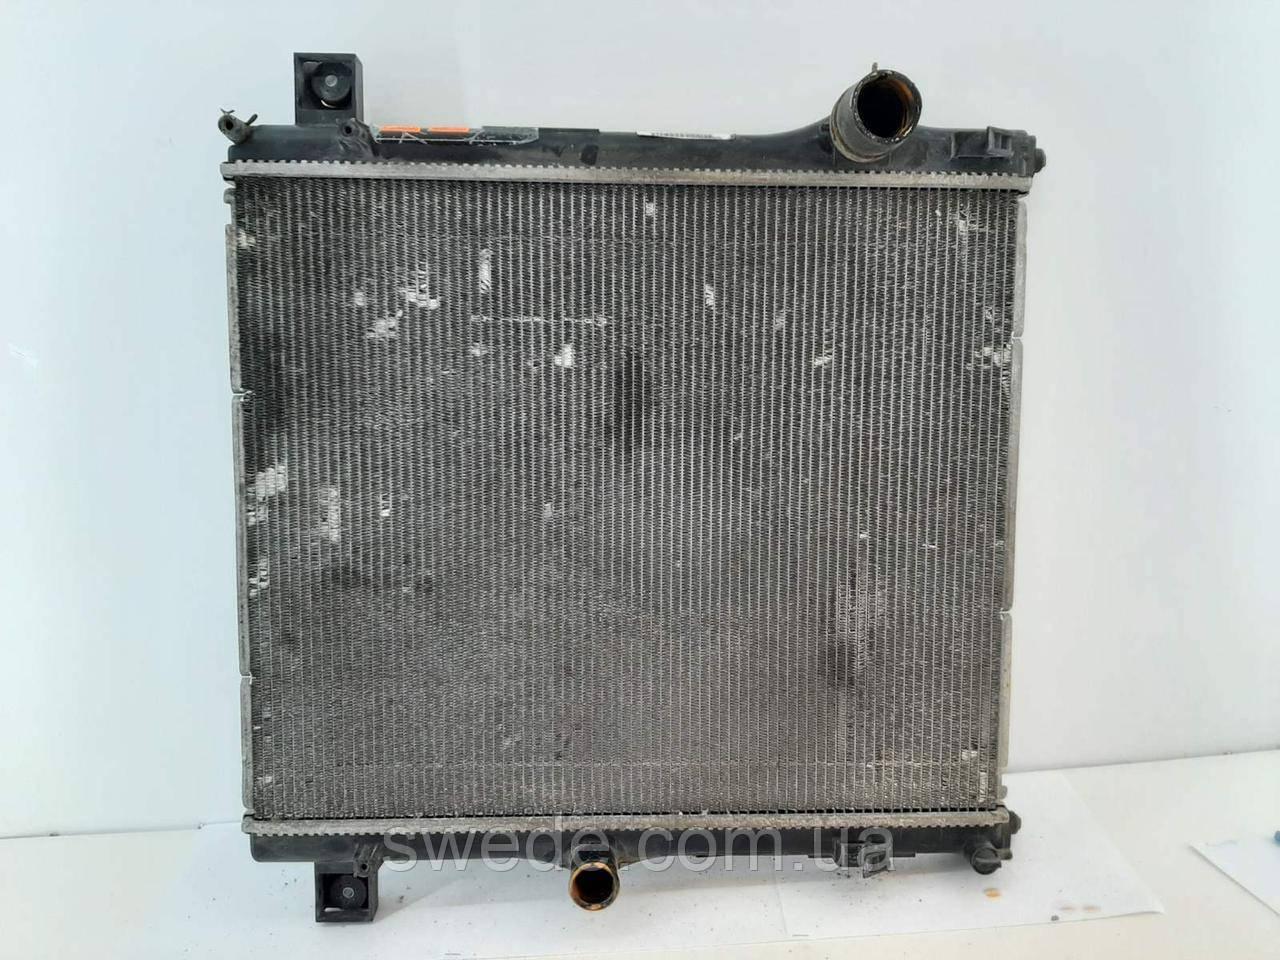 Радиатор Dodge Nitro 2.8 CRD 2007-2011 гг 55056966AB